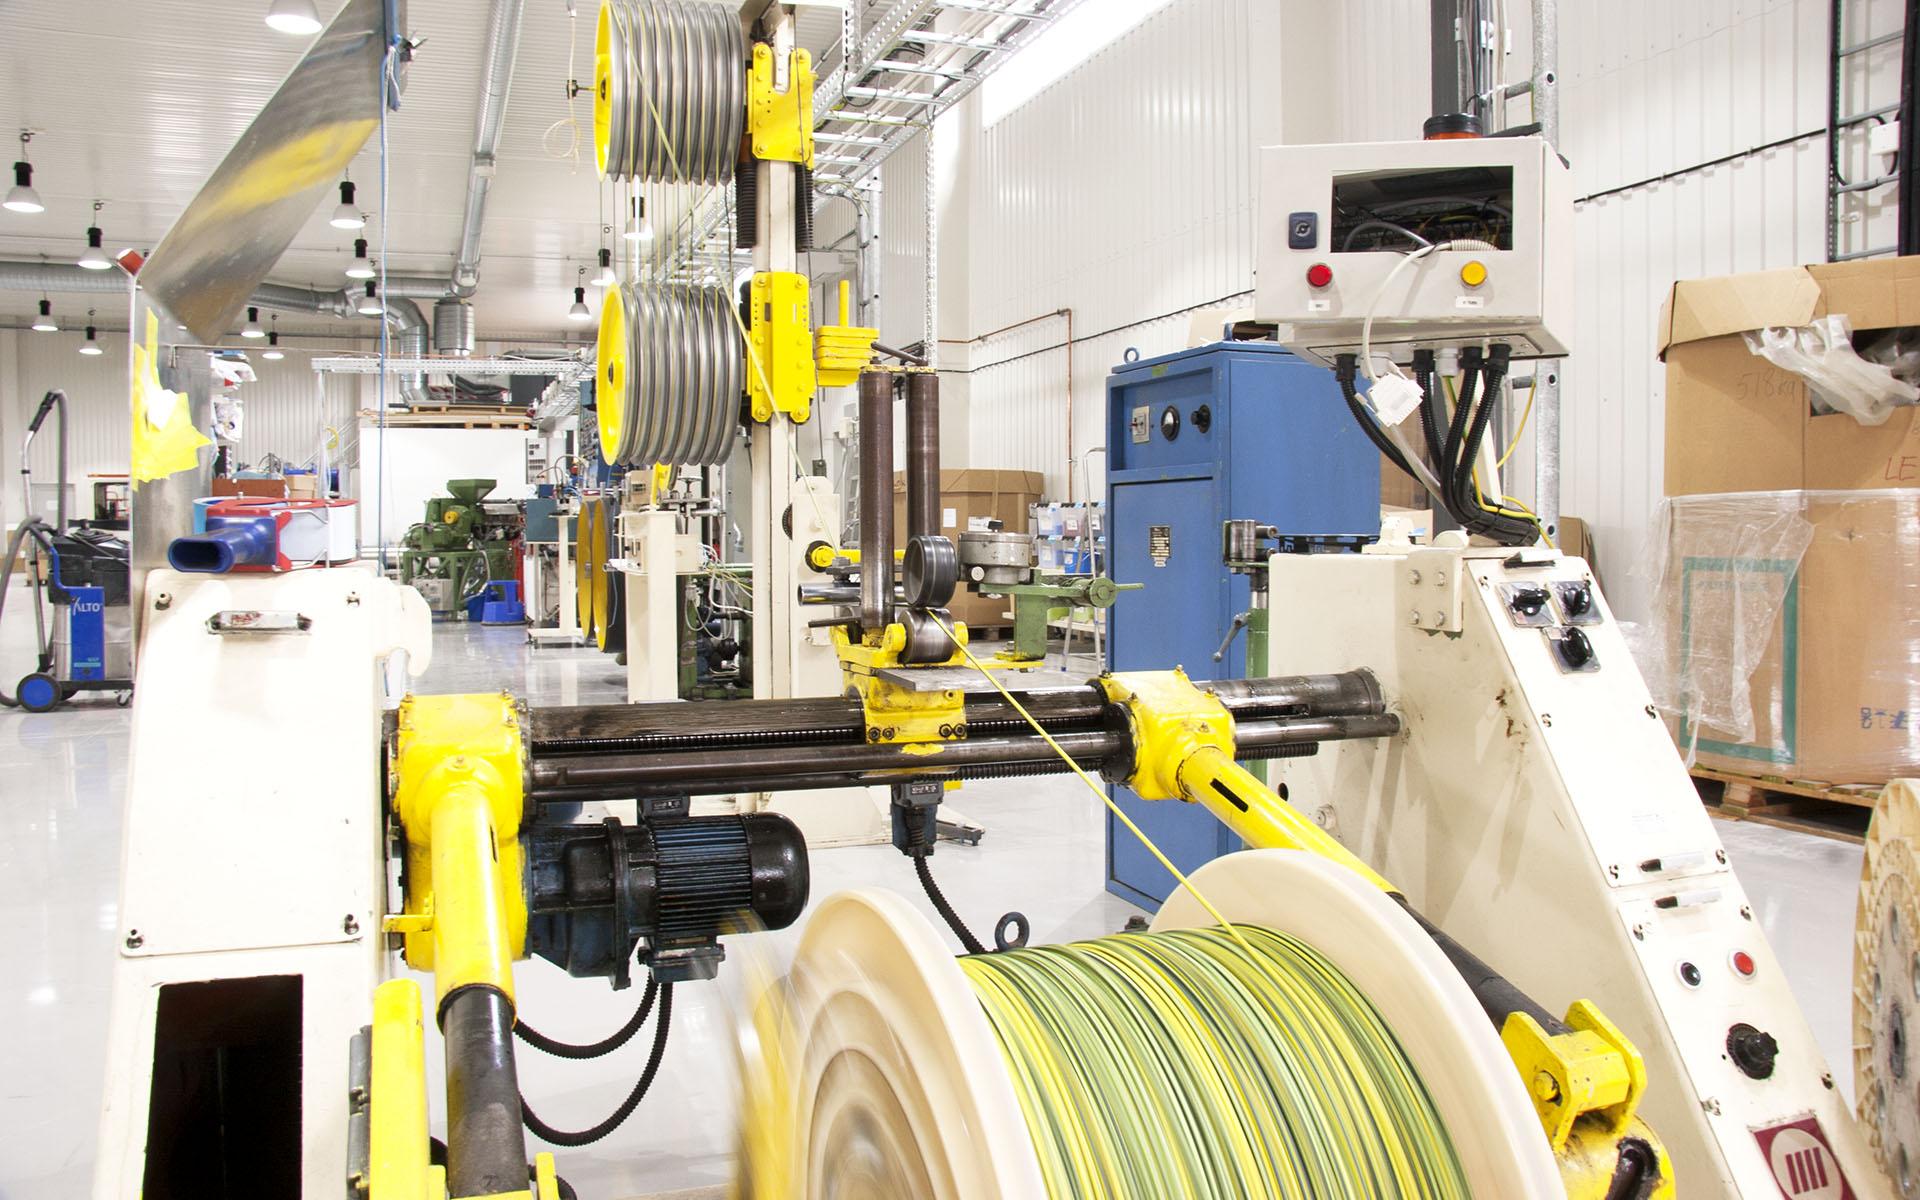 Производственные линии Supra – недостижимый идеал для многих менее искушённых производителей кабеля